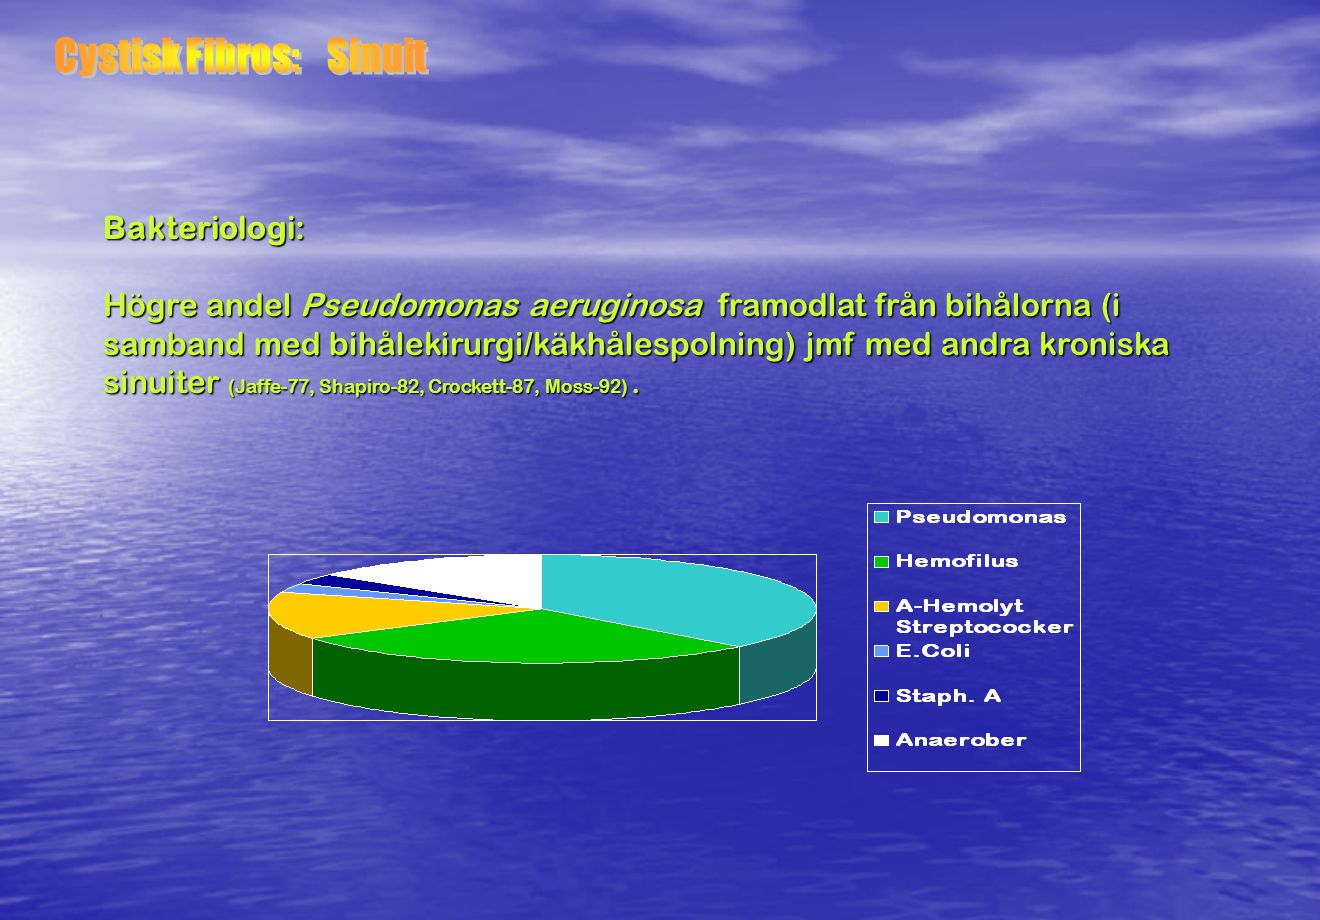 Behandling: - Dimtält (NaCl) - Andningsgymnastik morgon & kväll / Hostteknik - Slemlösande (Bromhexin /Acetylcystein) - Luftrörsvidgande (Bricanyl…) - Antibiotika vid infektioner (P.o Amoxicillin / Heracillin/ Ciproxin..) (I.v.